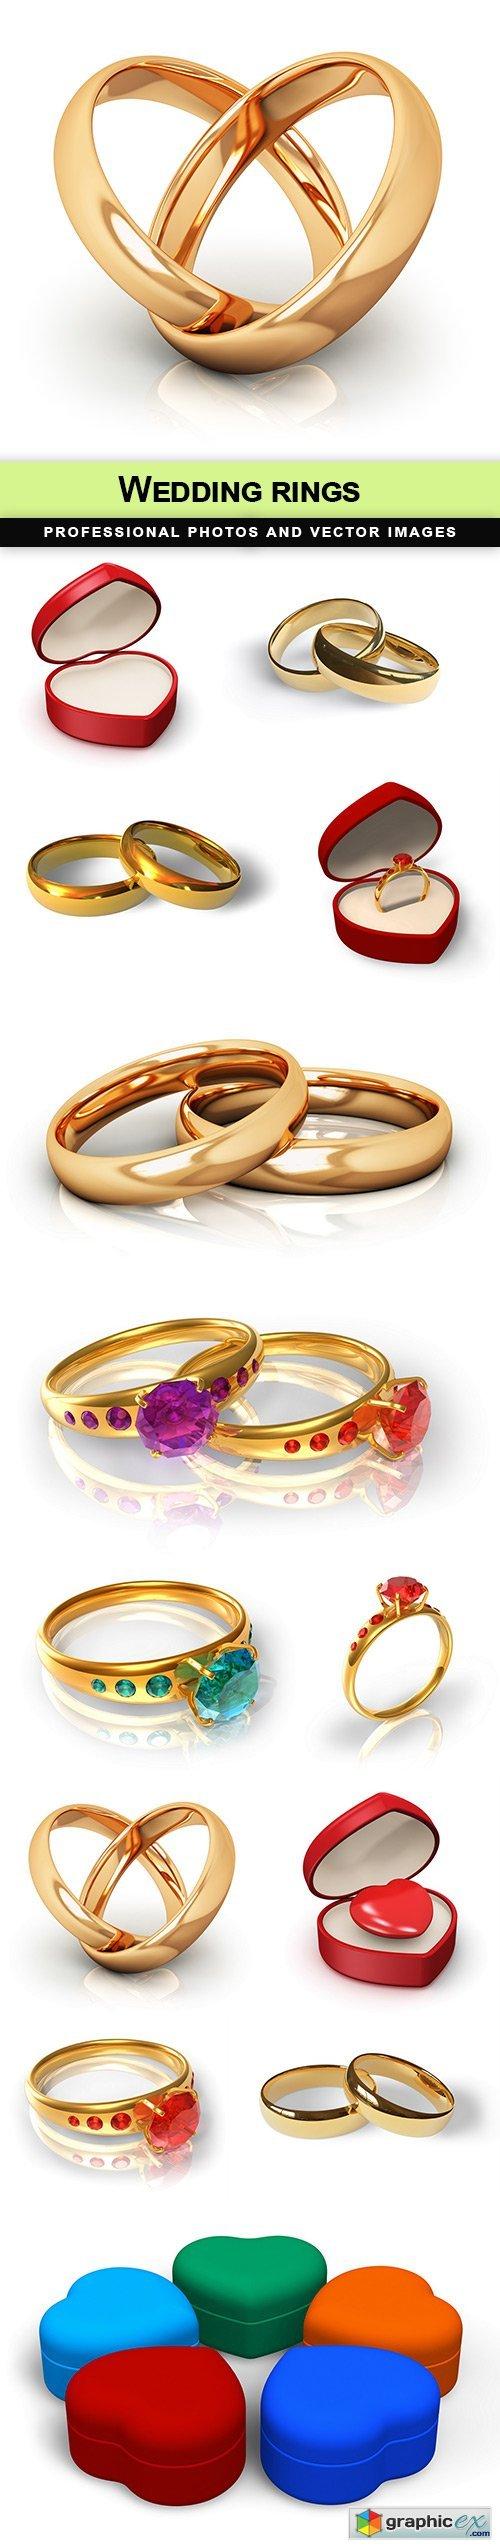 Wedding rings - 13 UHQ JPEG